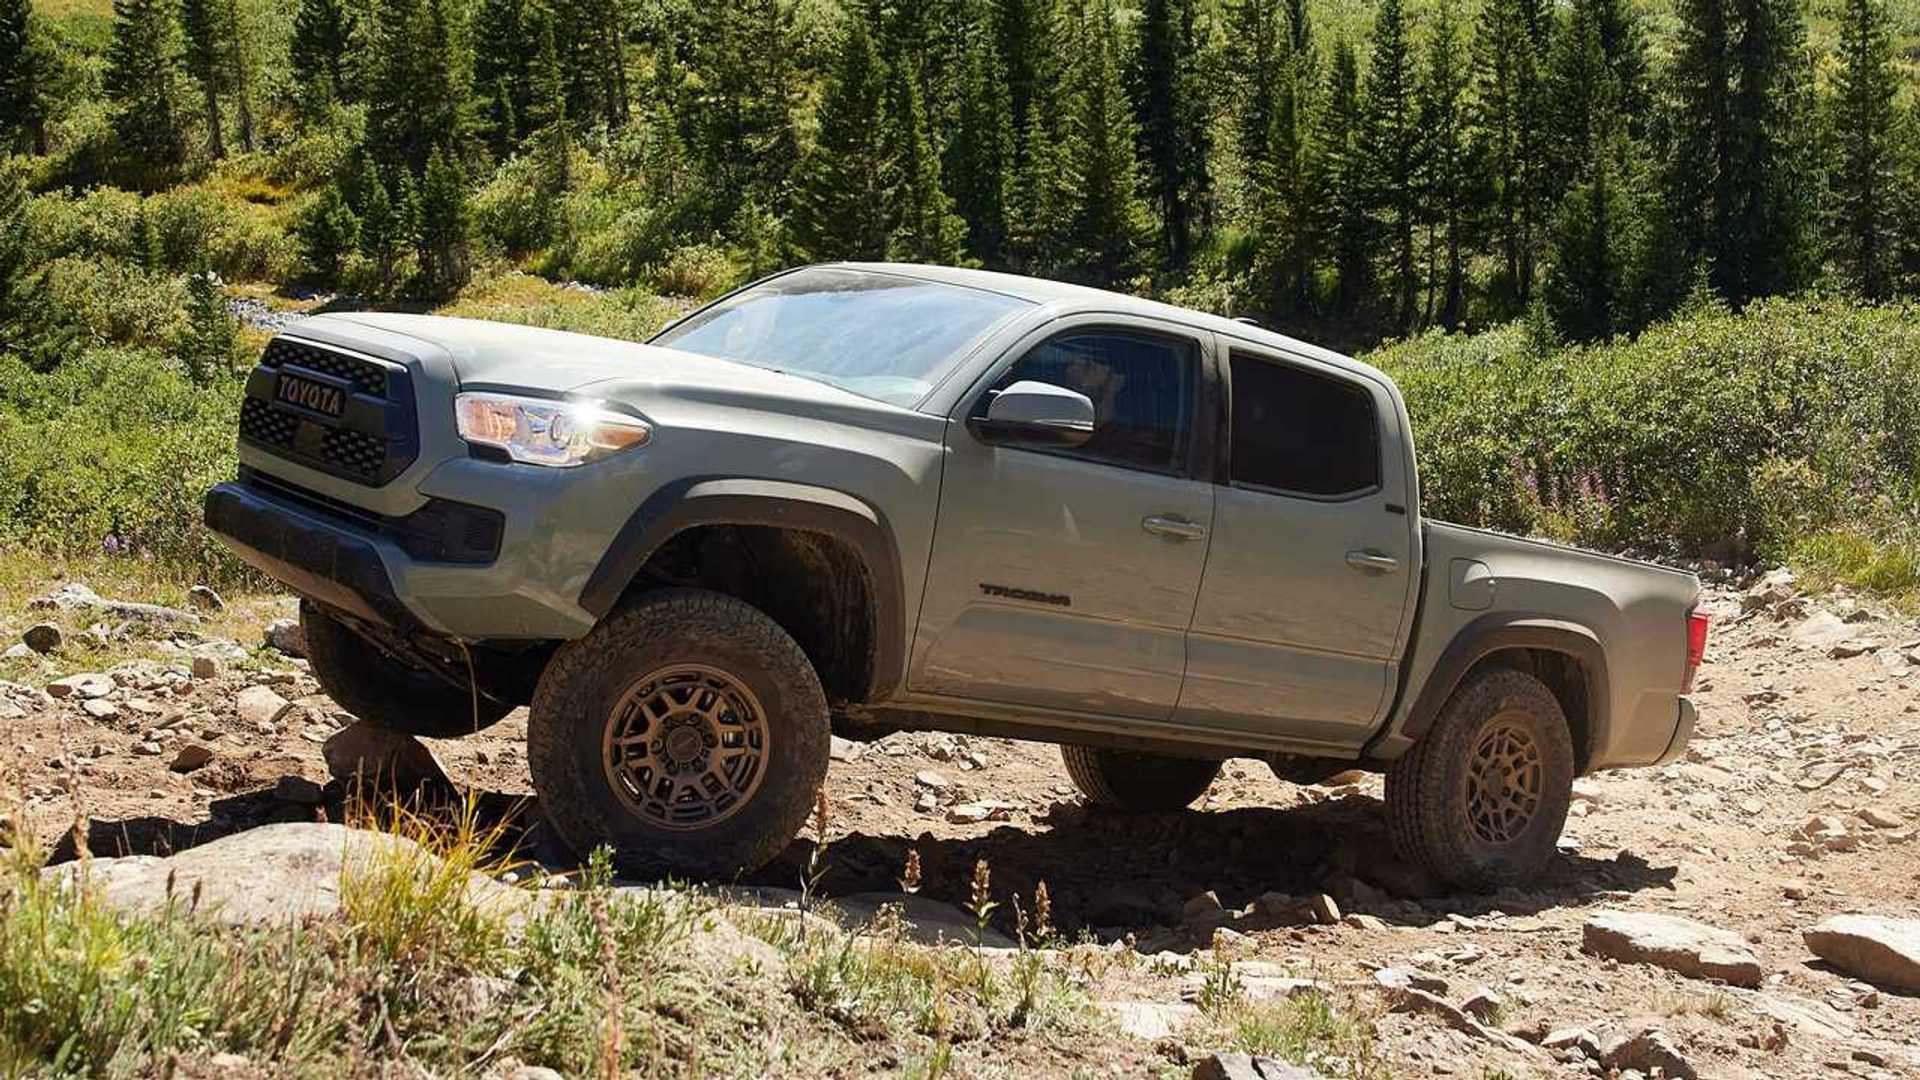 Toyota Tacoma dan 4Runner Generasi Baru Akan Berbasis Hilux